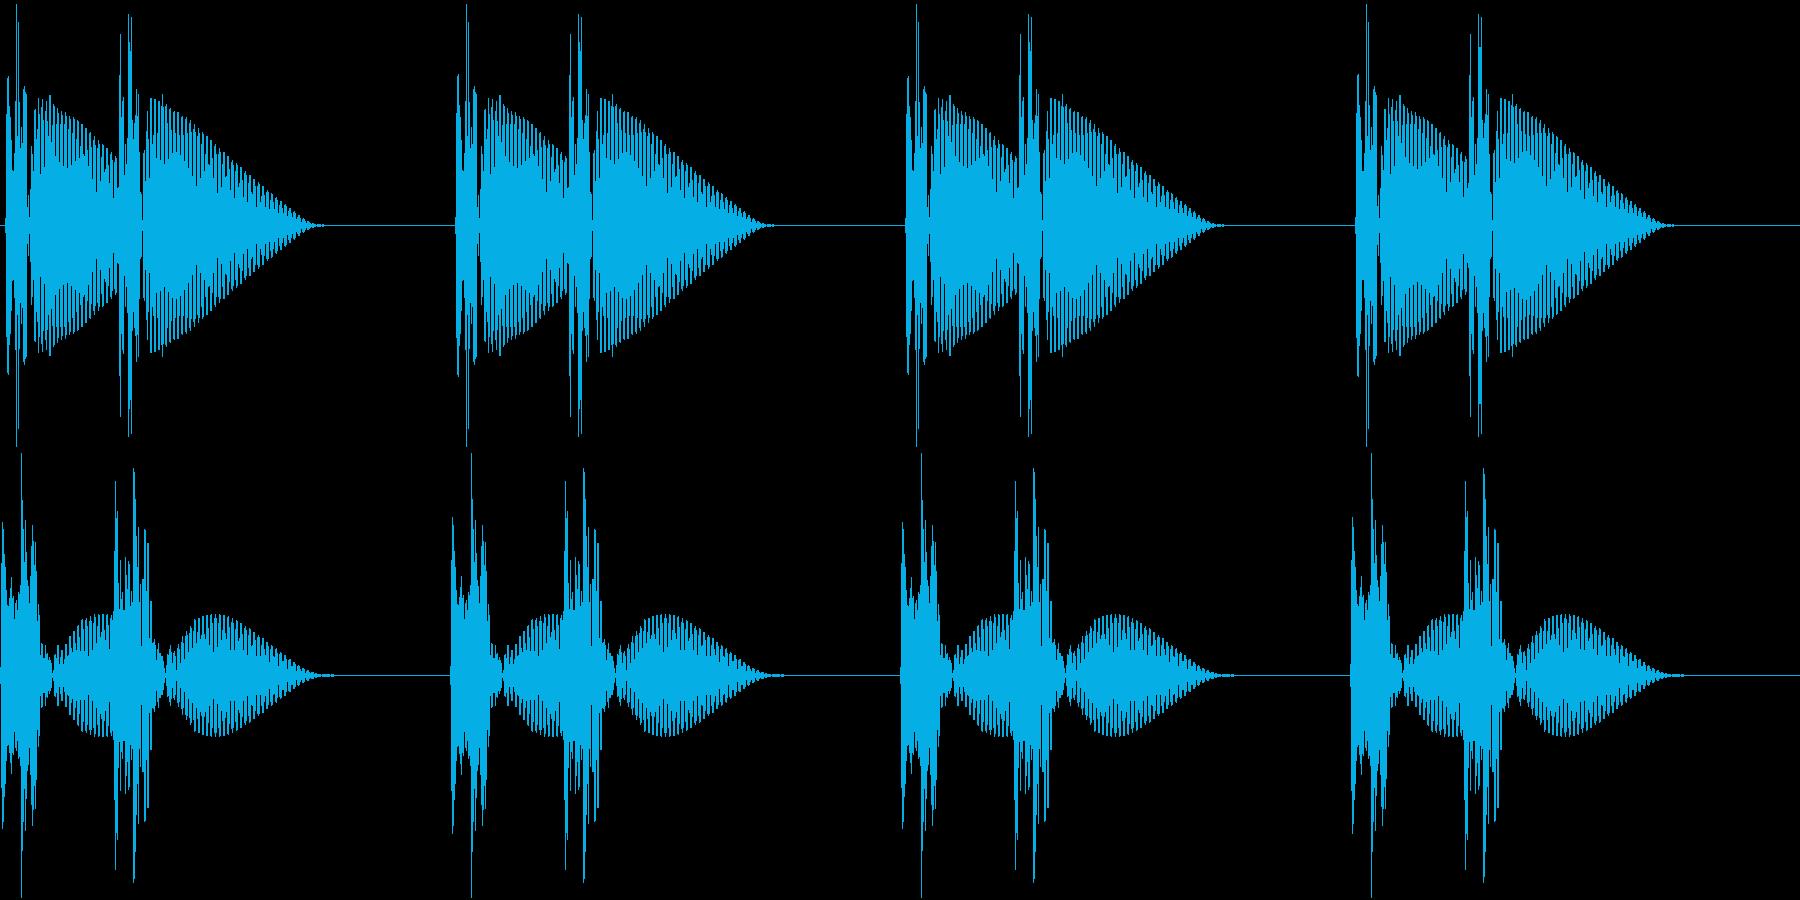 HeartBeat 心臓の音 3 ループの再生済みの波形